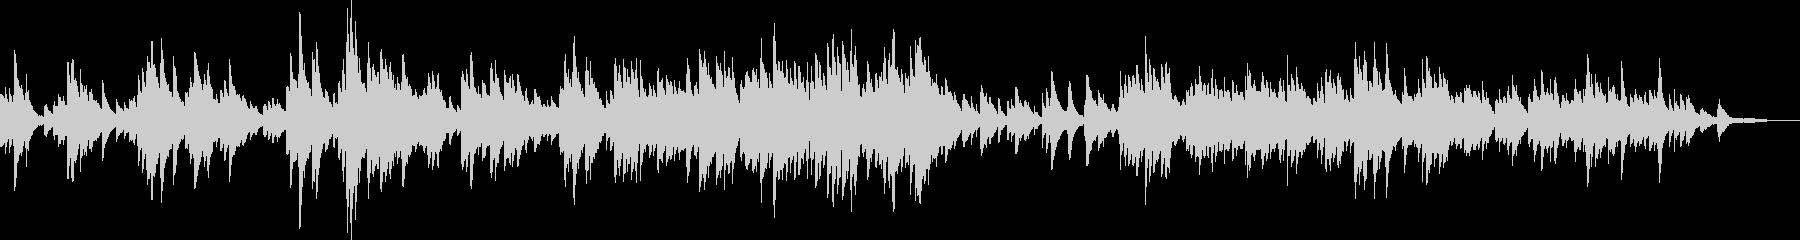 感動的なピアノバラード(優しい・希望)の未再生の波形